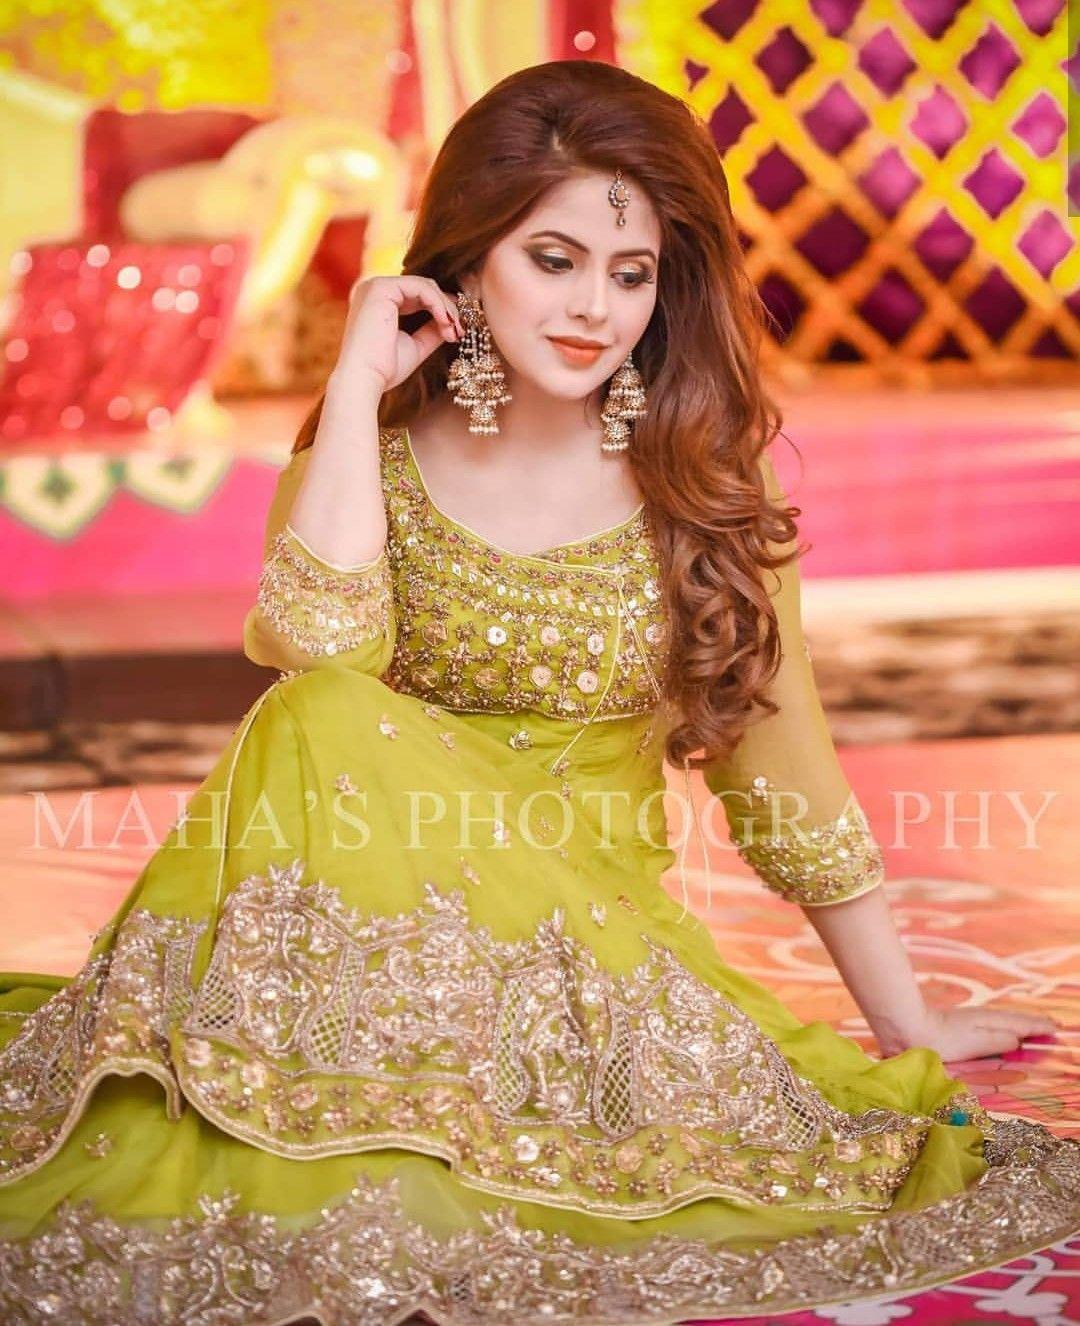 Girl Pakistani Beautiful Wedding Mehndi Shoot Photography Dresses Pakistani Wedding Dresses Pakistani Wedding Outfits Pakistani Bridal Dresses